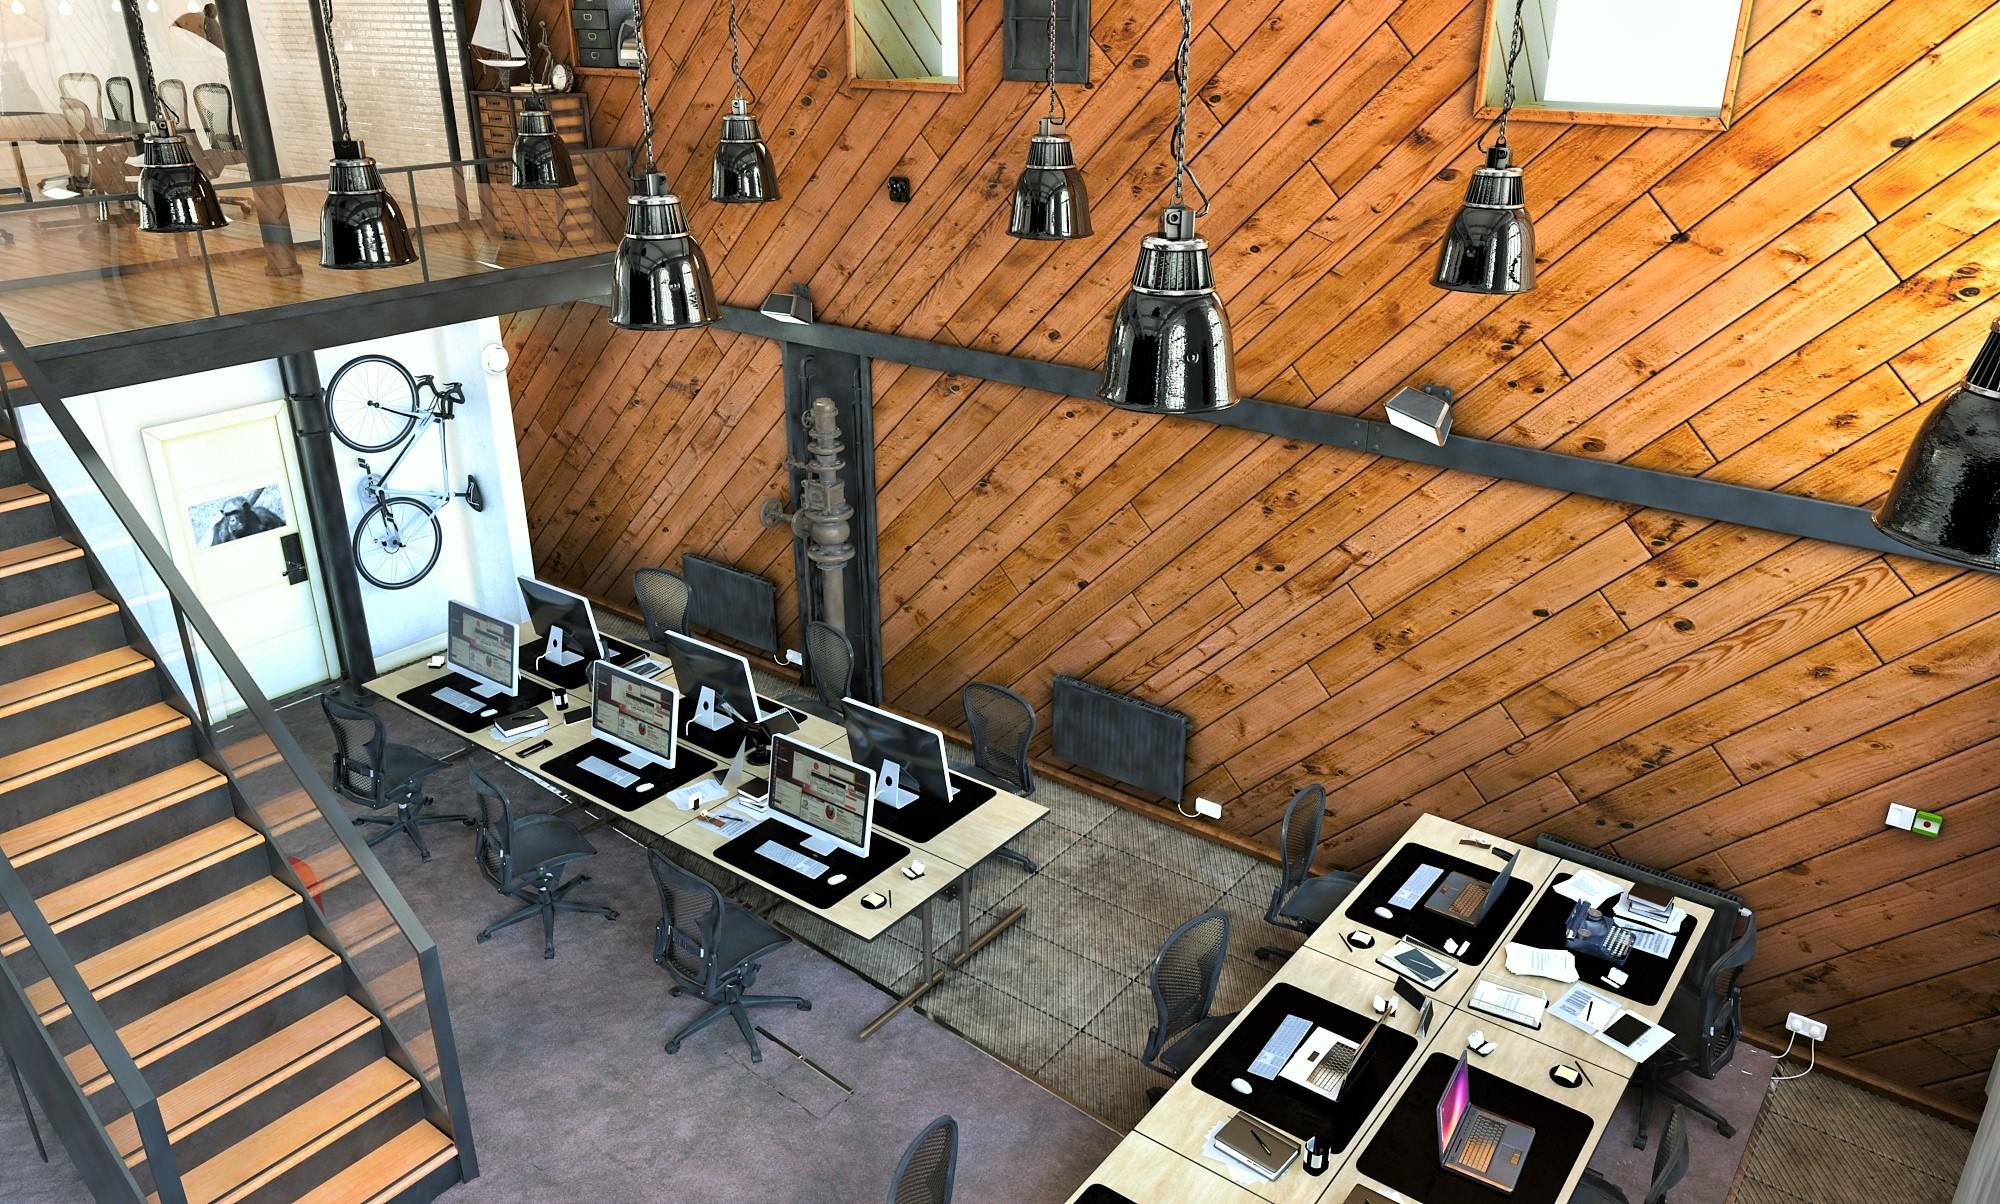 Простые светильники в индустриальном стиле отлично впишутся в любой лофт интерьер